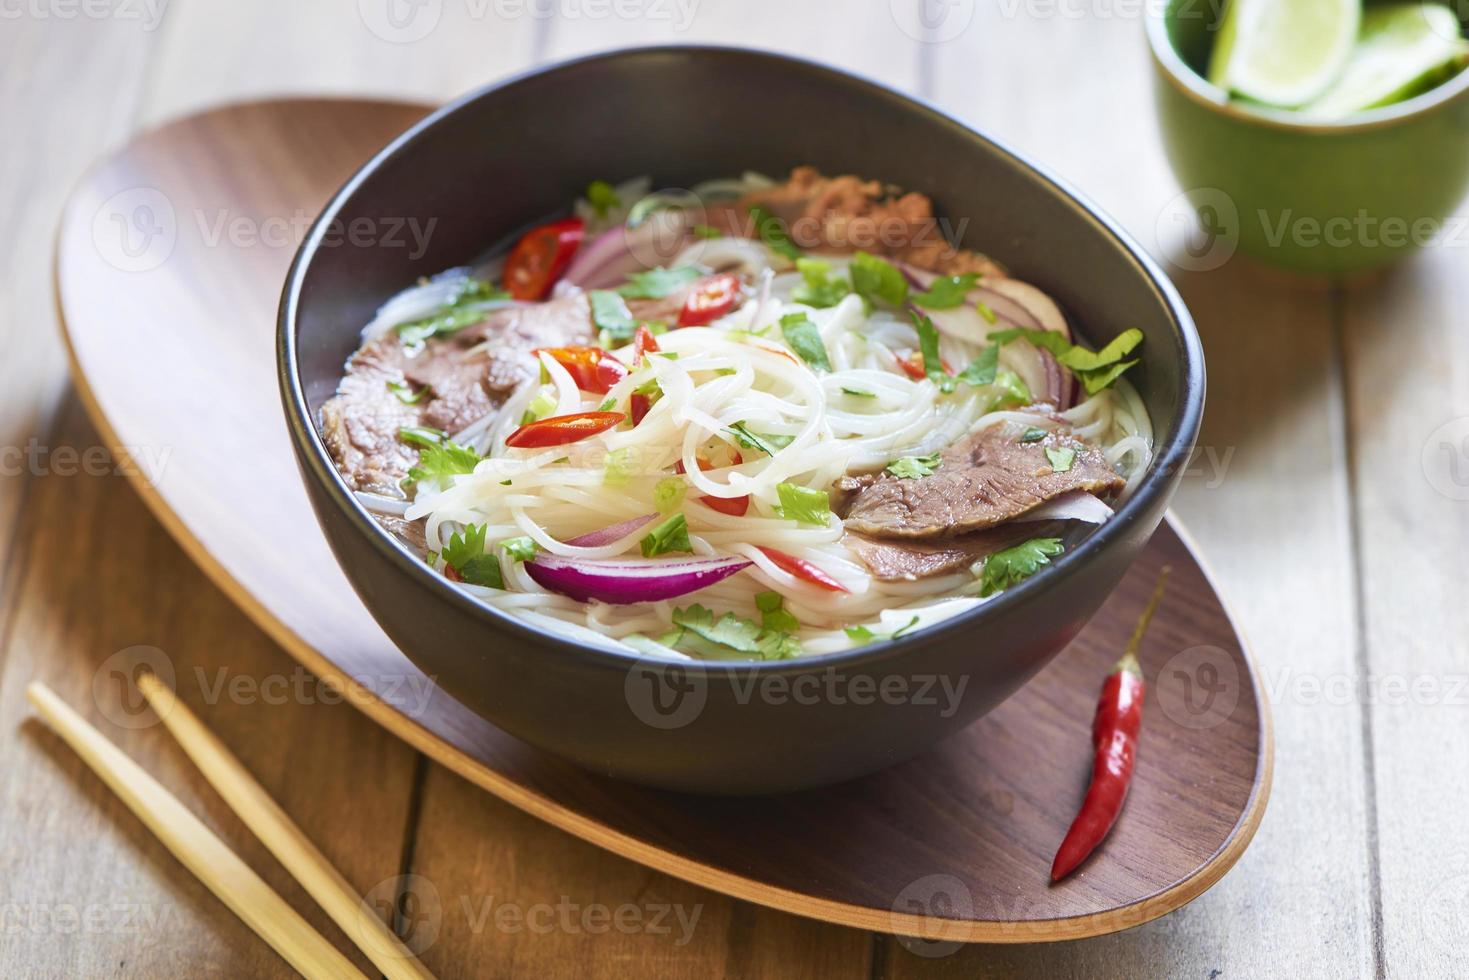 rijstnoedelsoep met gesneden rundvlees foto